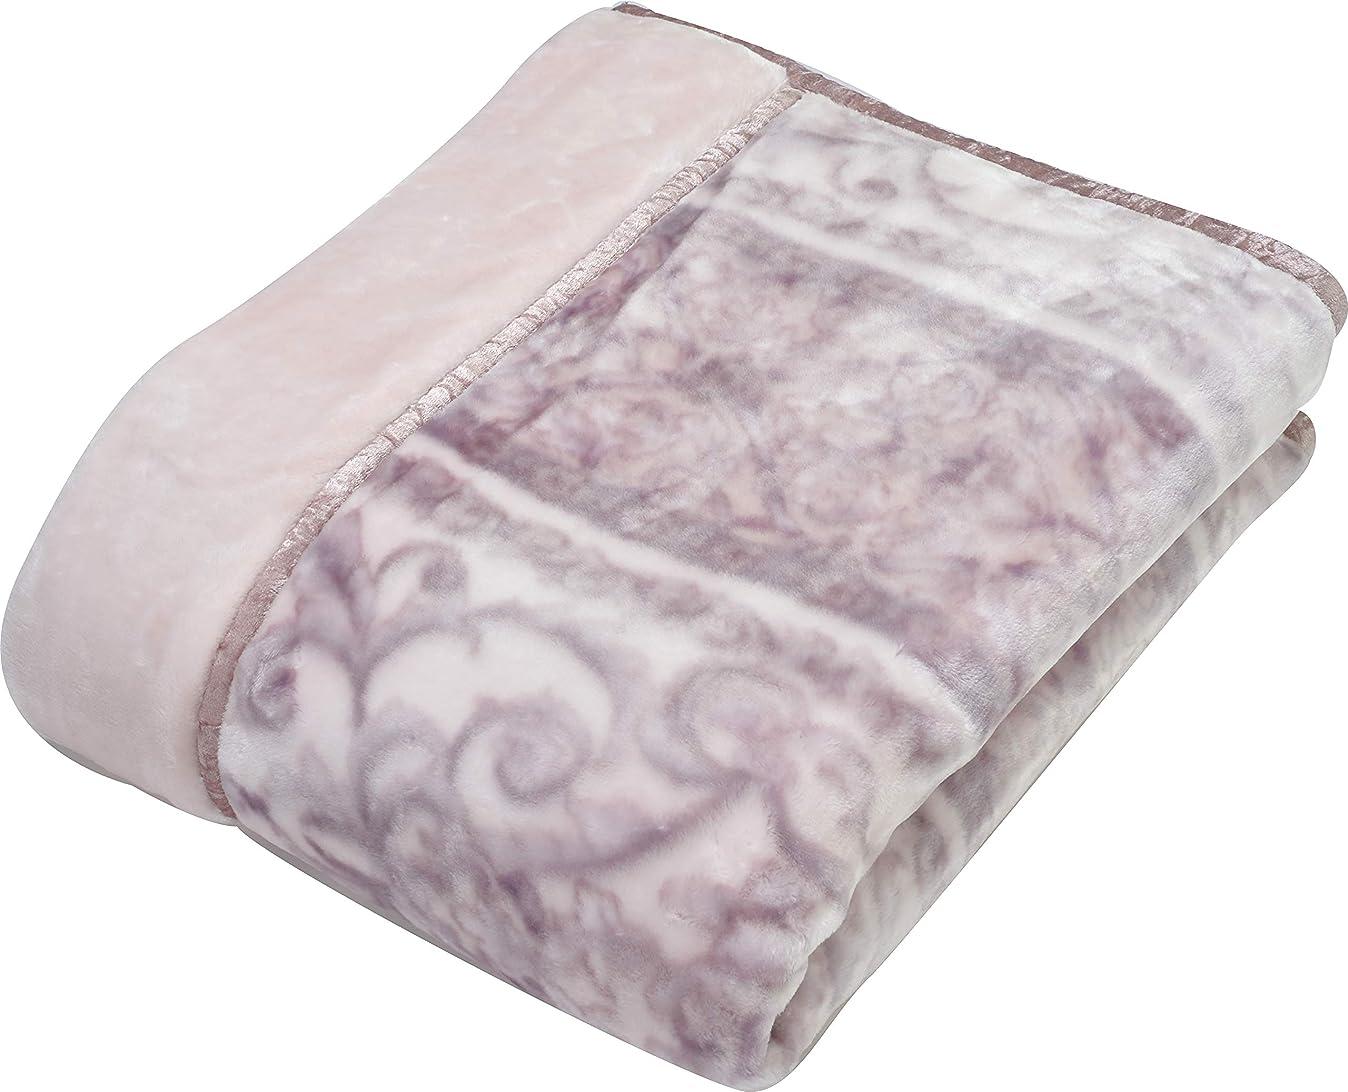 に対して移行するこどもの日西川(Nishikawa) 毛布 ピンク シングル 140×200㎝ 2枚合わせ 洗える あったかい ハイボリューム 2.7kg 2CH5842